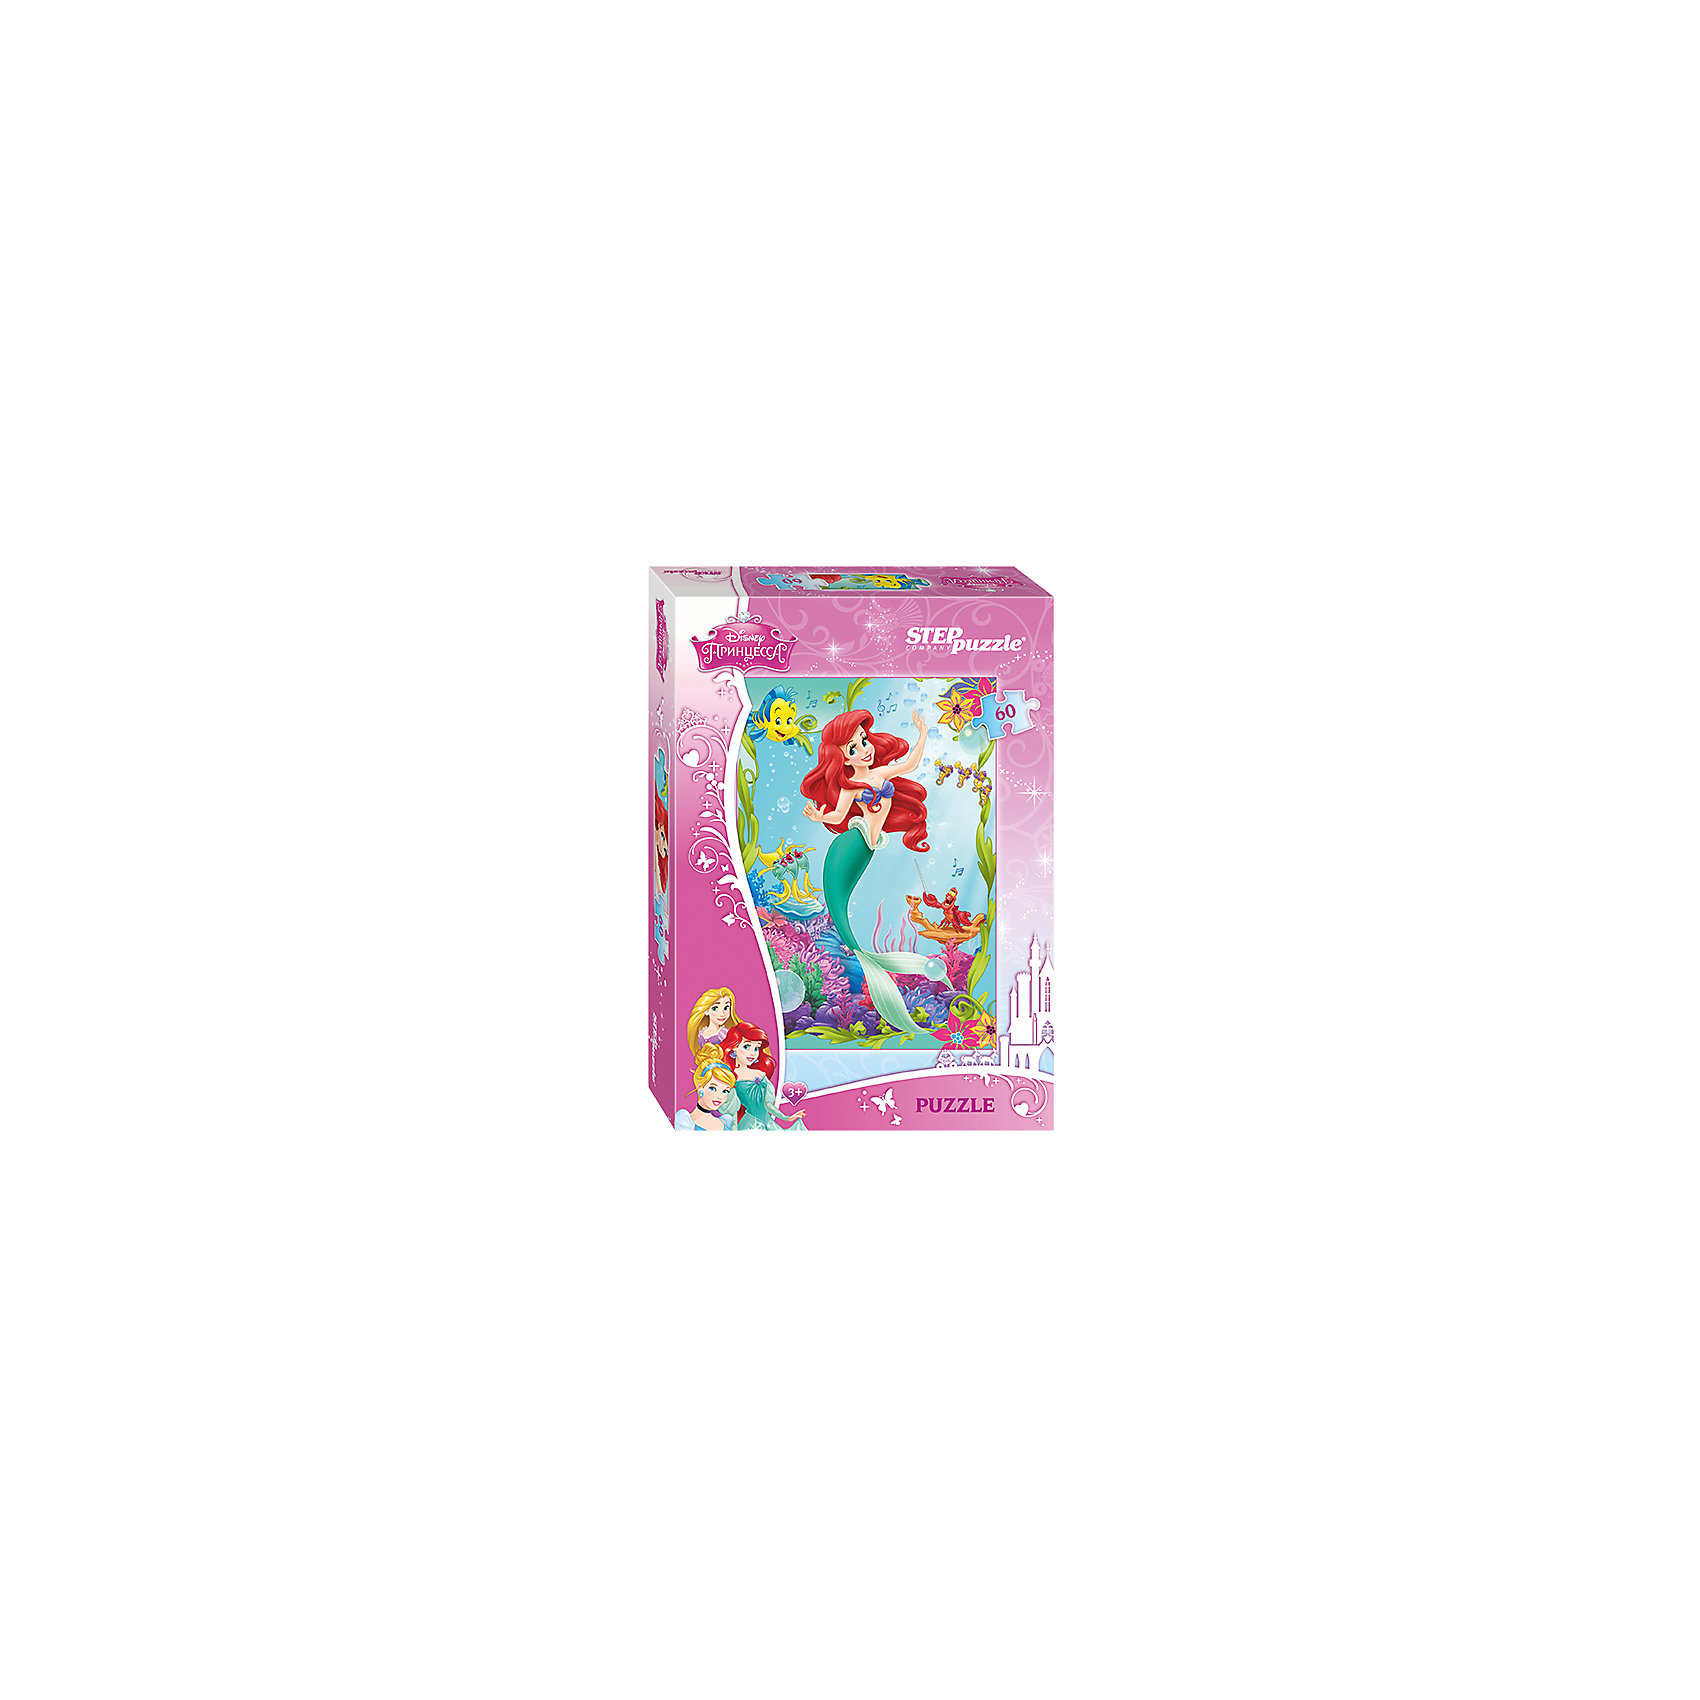 Пазл Русалочка, 60 деталей, Disney Princess, Step PuzzleПазл Русалочка, 60 деталей, Disney Princess, Step Puzzle (Степ Пазл) – это замечательный красочный пазл с изображением любимых героев.<br>В глубинах океана живет прекрасная русалочка Ариэль. Она дружит с крабом Себастьяном и рыбкой Флаундером, и с нетерпением ждет встречи с принцем Эриком. Подарите ребенку чудесный пазл, и он будет увлеченно подбирать детали, пока не составит яркую и интересную картинку. Подводный мир такой яркий и разнообразный, что собирать его одно удовольствие. Милая Русалочка поразит своими огненно-красными волосами, как на экране, а также красивым нарядом: купальником в виде ракушек и зеленым изящным хвостиком. Прекрасная Ариэль замерла в танцевальном па, рыбки аккомпанируют ей, напевая заводной мотив, а Флаундер и Себастьян  танцуют вместе с ней. Сборка пазла Русалочка от Step Puzzle (Степ Пазл) подарит Вашему ребенку не только множество увлекательных вечеров, но и принесет пользу для развития. Координация, моторика, внимательность легко тренируются, пока ребенок увлеченно подбирает детали. Качественные фрагменты пазла отлично проклеены и идеально подходят один к другому, поэтому сборка пазла обеспечит малышу только положительные эмоции. Вы будете использовать этот пазл не один год, ведь благодаря качественной нарезке детали не расслаиваются даже после многократного использования.<br><br>Дополнительная информация:<br><br>- Количество деталей: 60<br>- Материал: картон<br>- Размер собранной картинки: 23х33 см.<br>- Отличная проклейка<br>- Долгий срок службы<br>- Детали идеально подходят друг другу<br>- Яркий сюжет<br>- Упаковка: картонная коробка<br>- Размер упаковки: 137x195x36 мм.<br>- Вес: 110 гр.<br><br>Пазл Русалочка, 60 деталей, Disney Princess, Step Puzzle (Степ Пазл) можно купить в нашем интернет-магазине.<br><br>Ширина мм: 20<br>Глубина мм: 14<br>Высота мм: 4<br>Вес г: 118<br>Возраст от месяцев: 36<br>Возраст до месяцев: 72<br>Пол: Женский<br>Возраст: Детский<br>Количество деталей